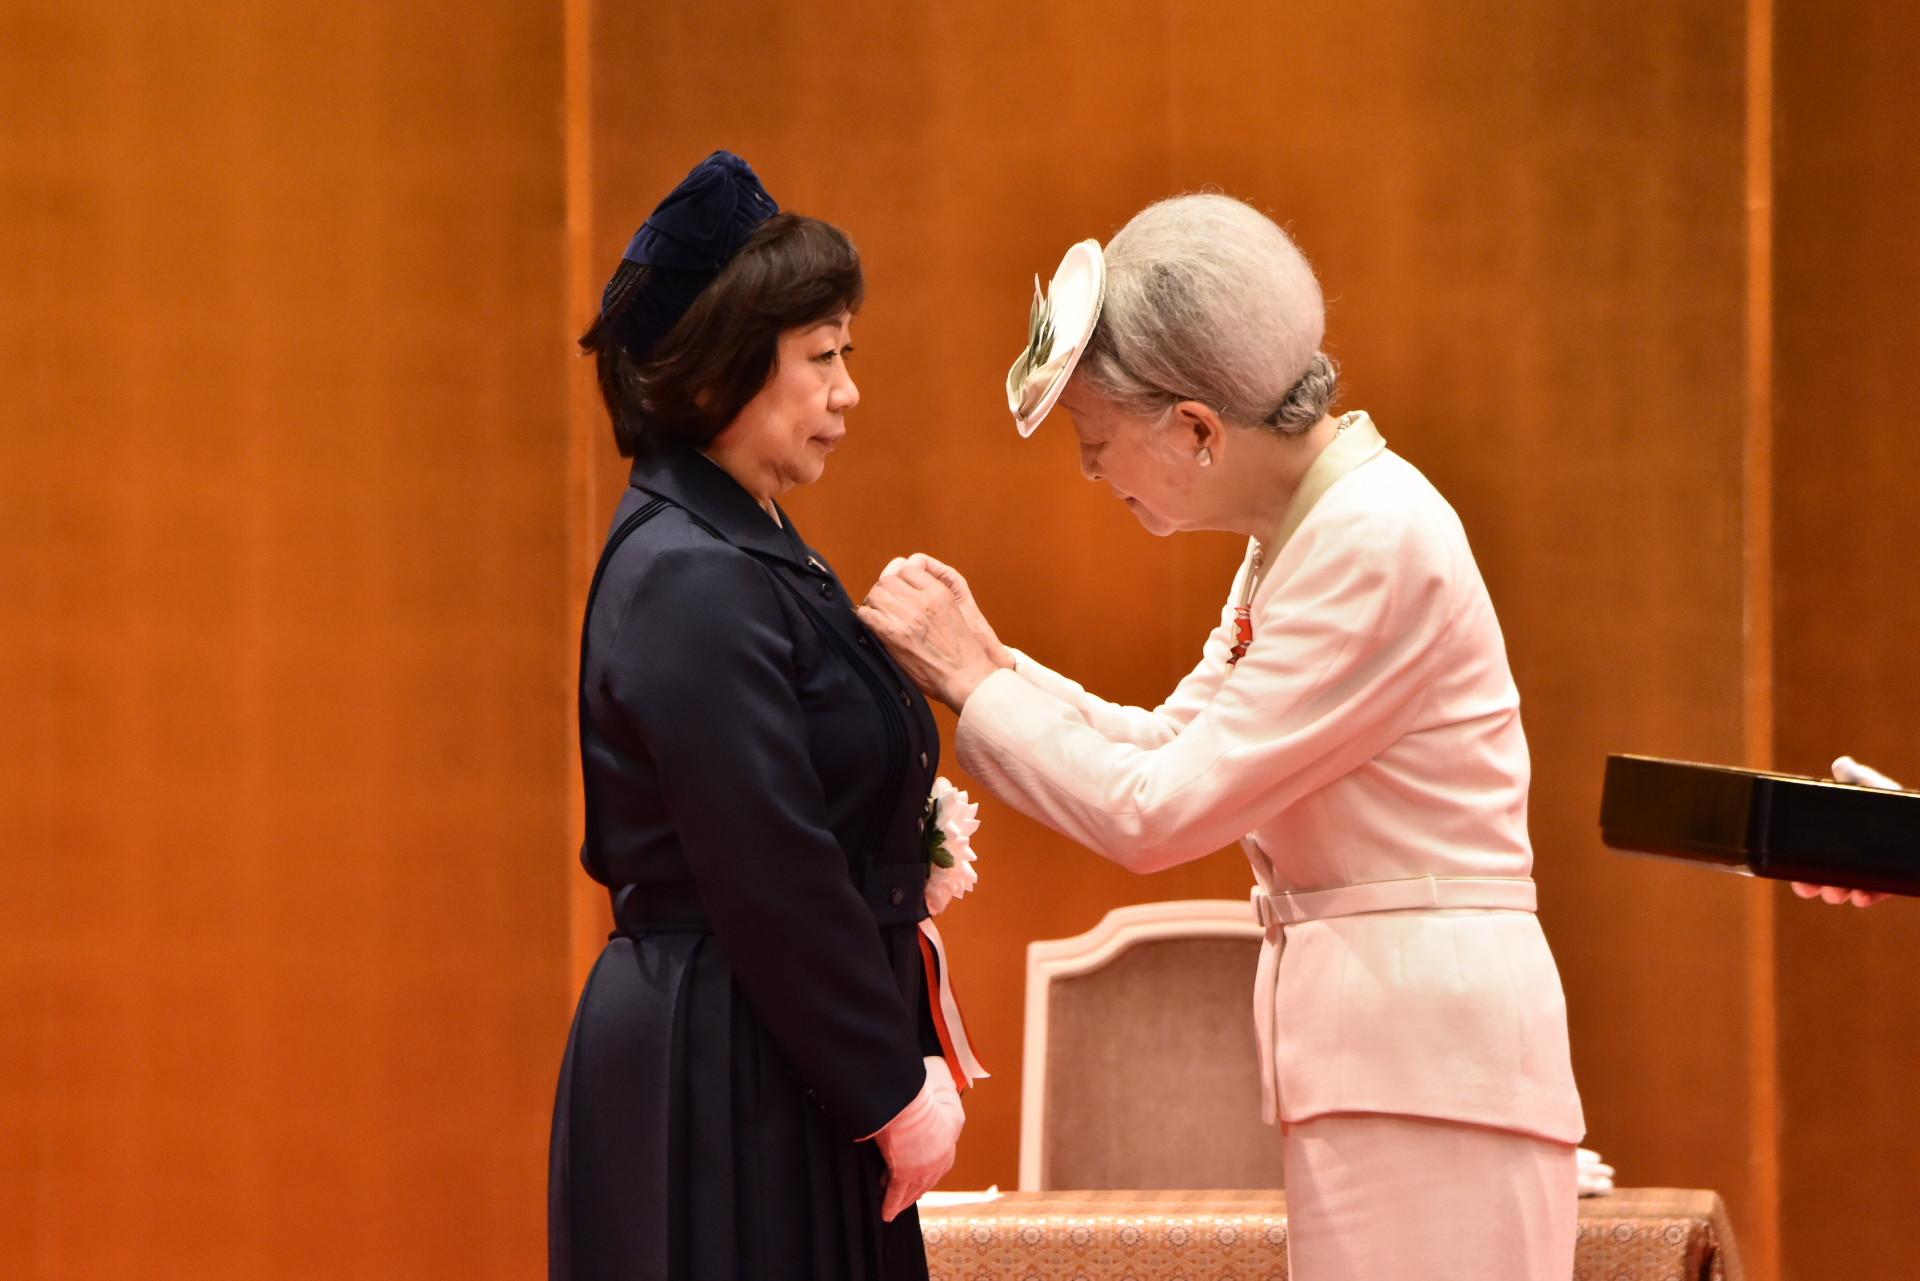 2017.08.07皇后陛下お手ずから、伊藤副院長に記章が授与されました